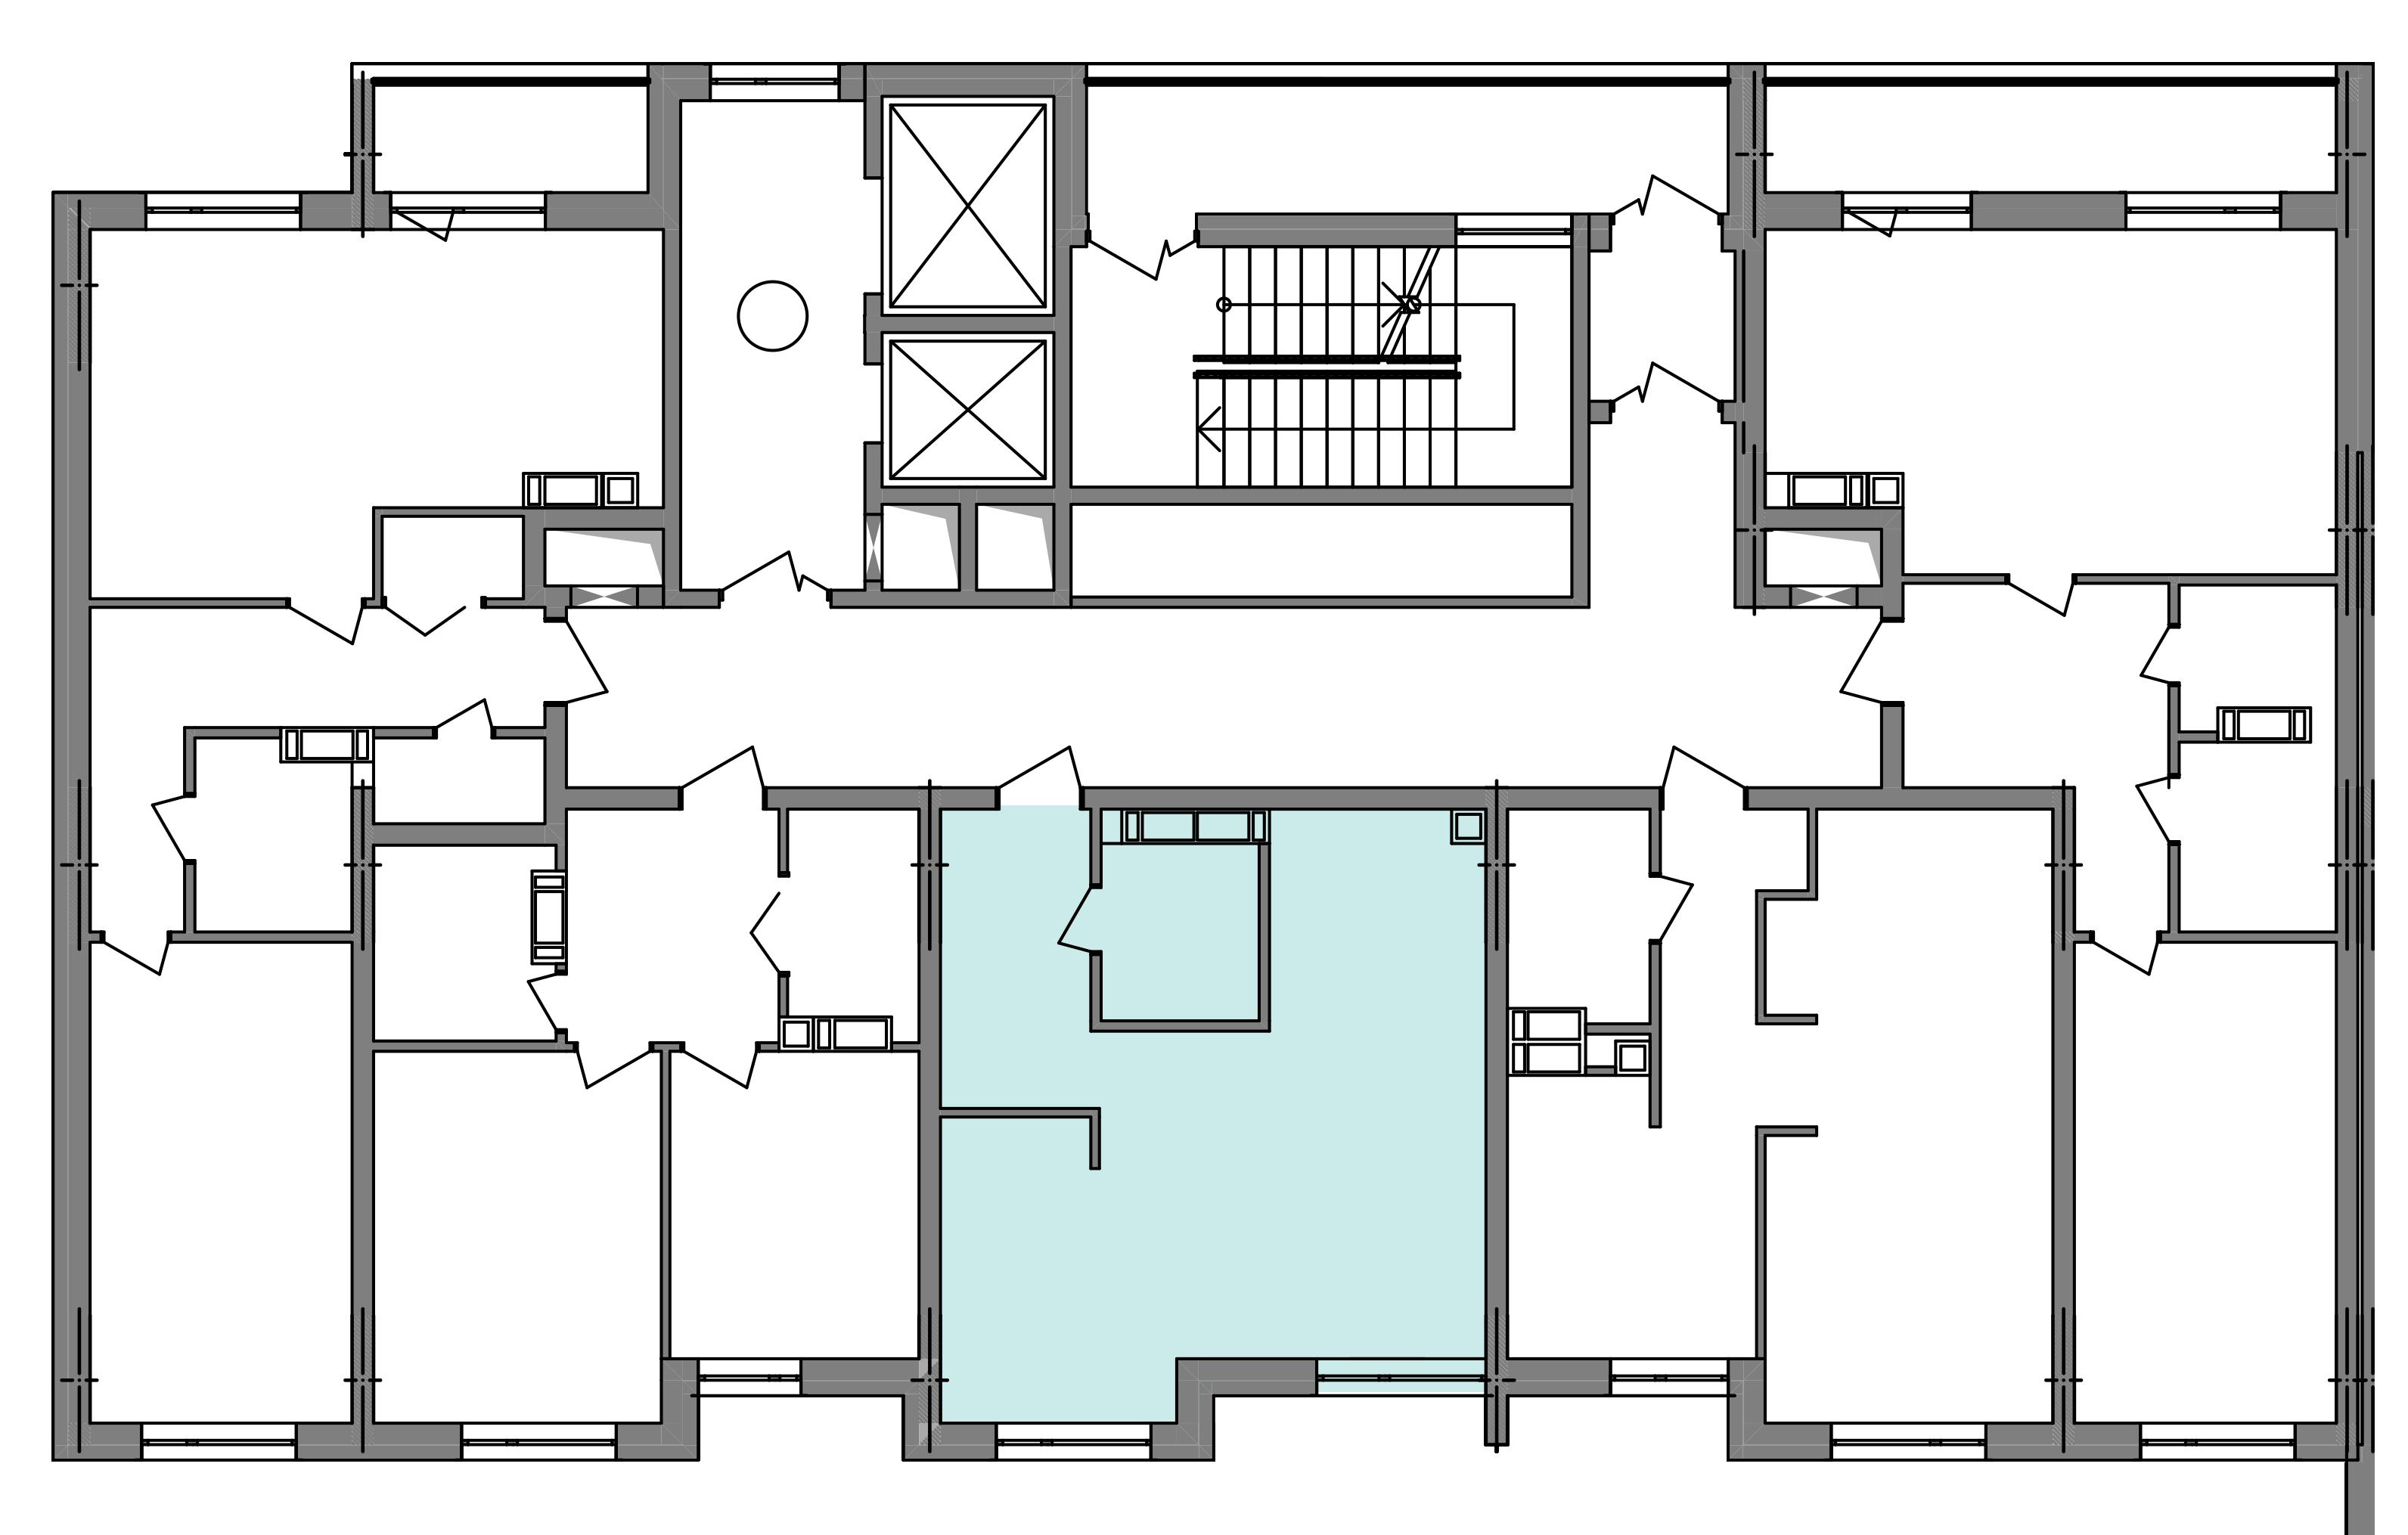 Однокімнатна квартира 39,63 кв.м., тип 1.2, будинок 3 секція 4 розташування на поверсі